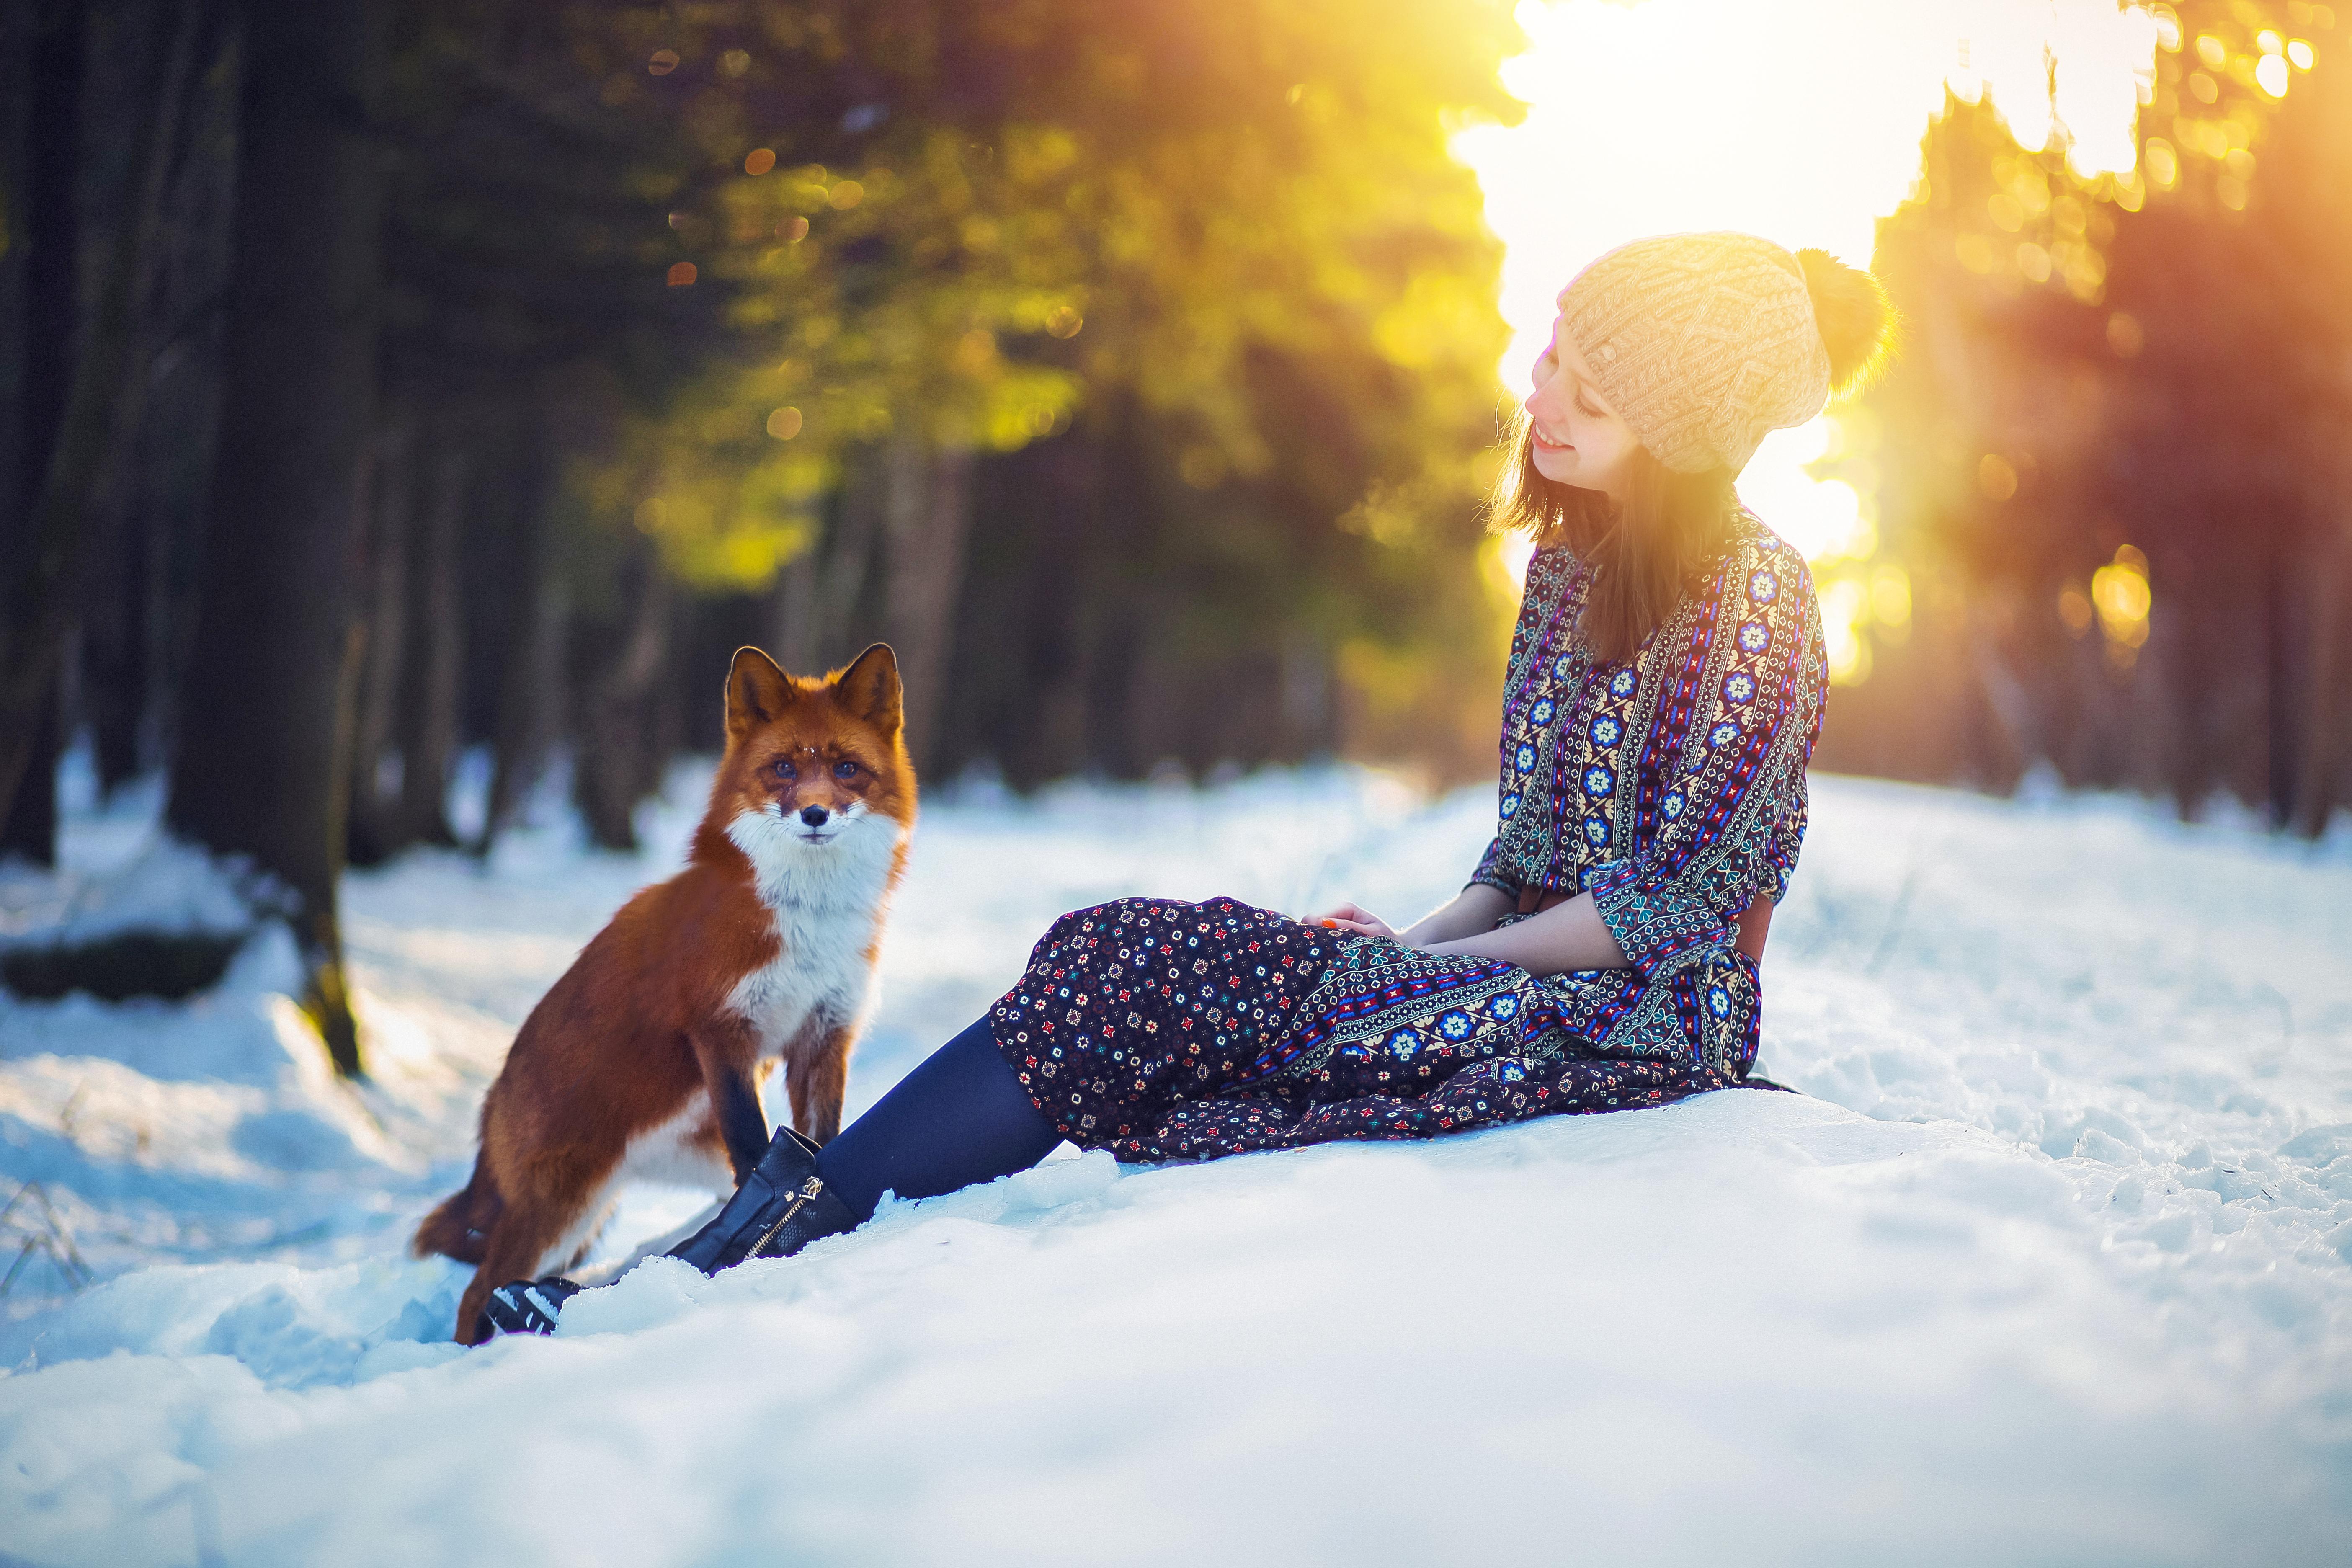 солнечное фото девушки с рыжей лисой